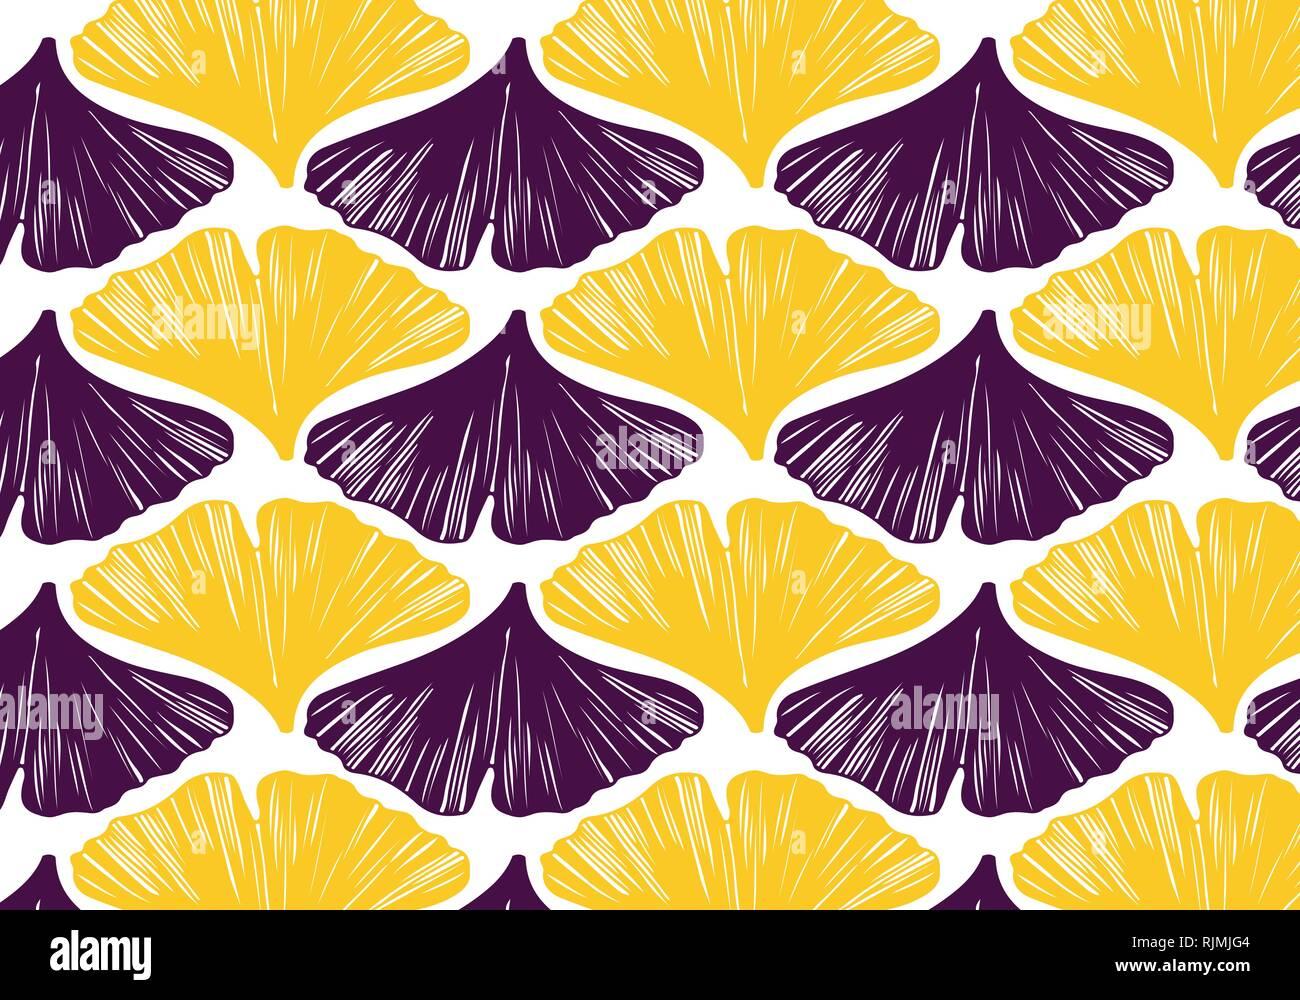 Feuilles De Ginkgo En Modèle Vectoriel Palette Couleurs Jaune Et